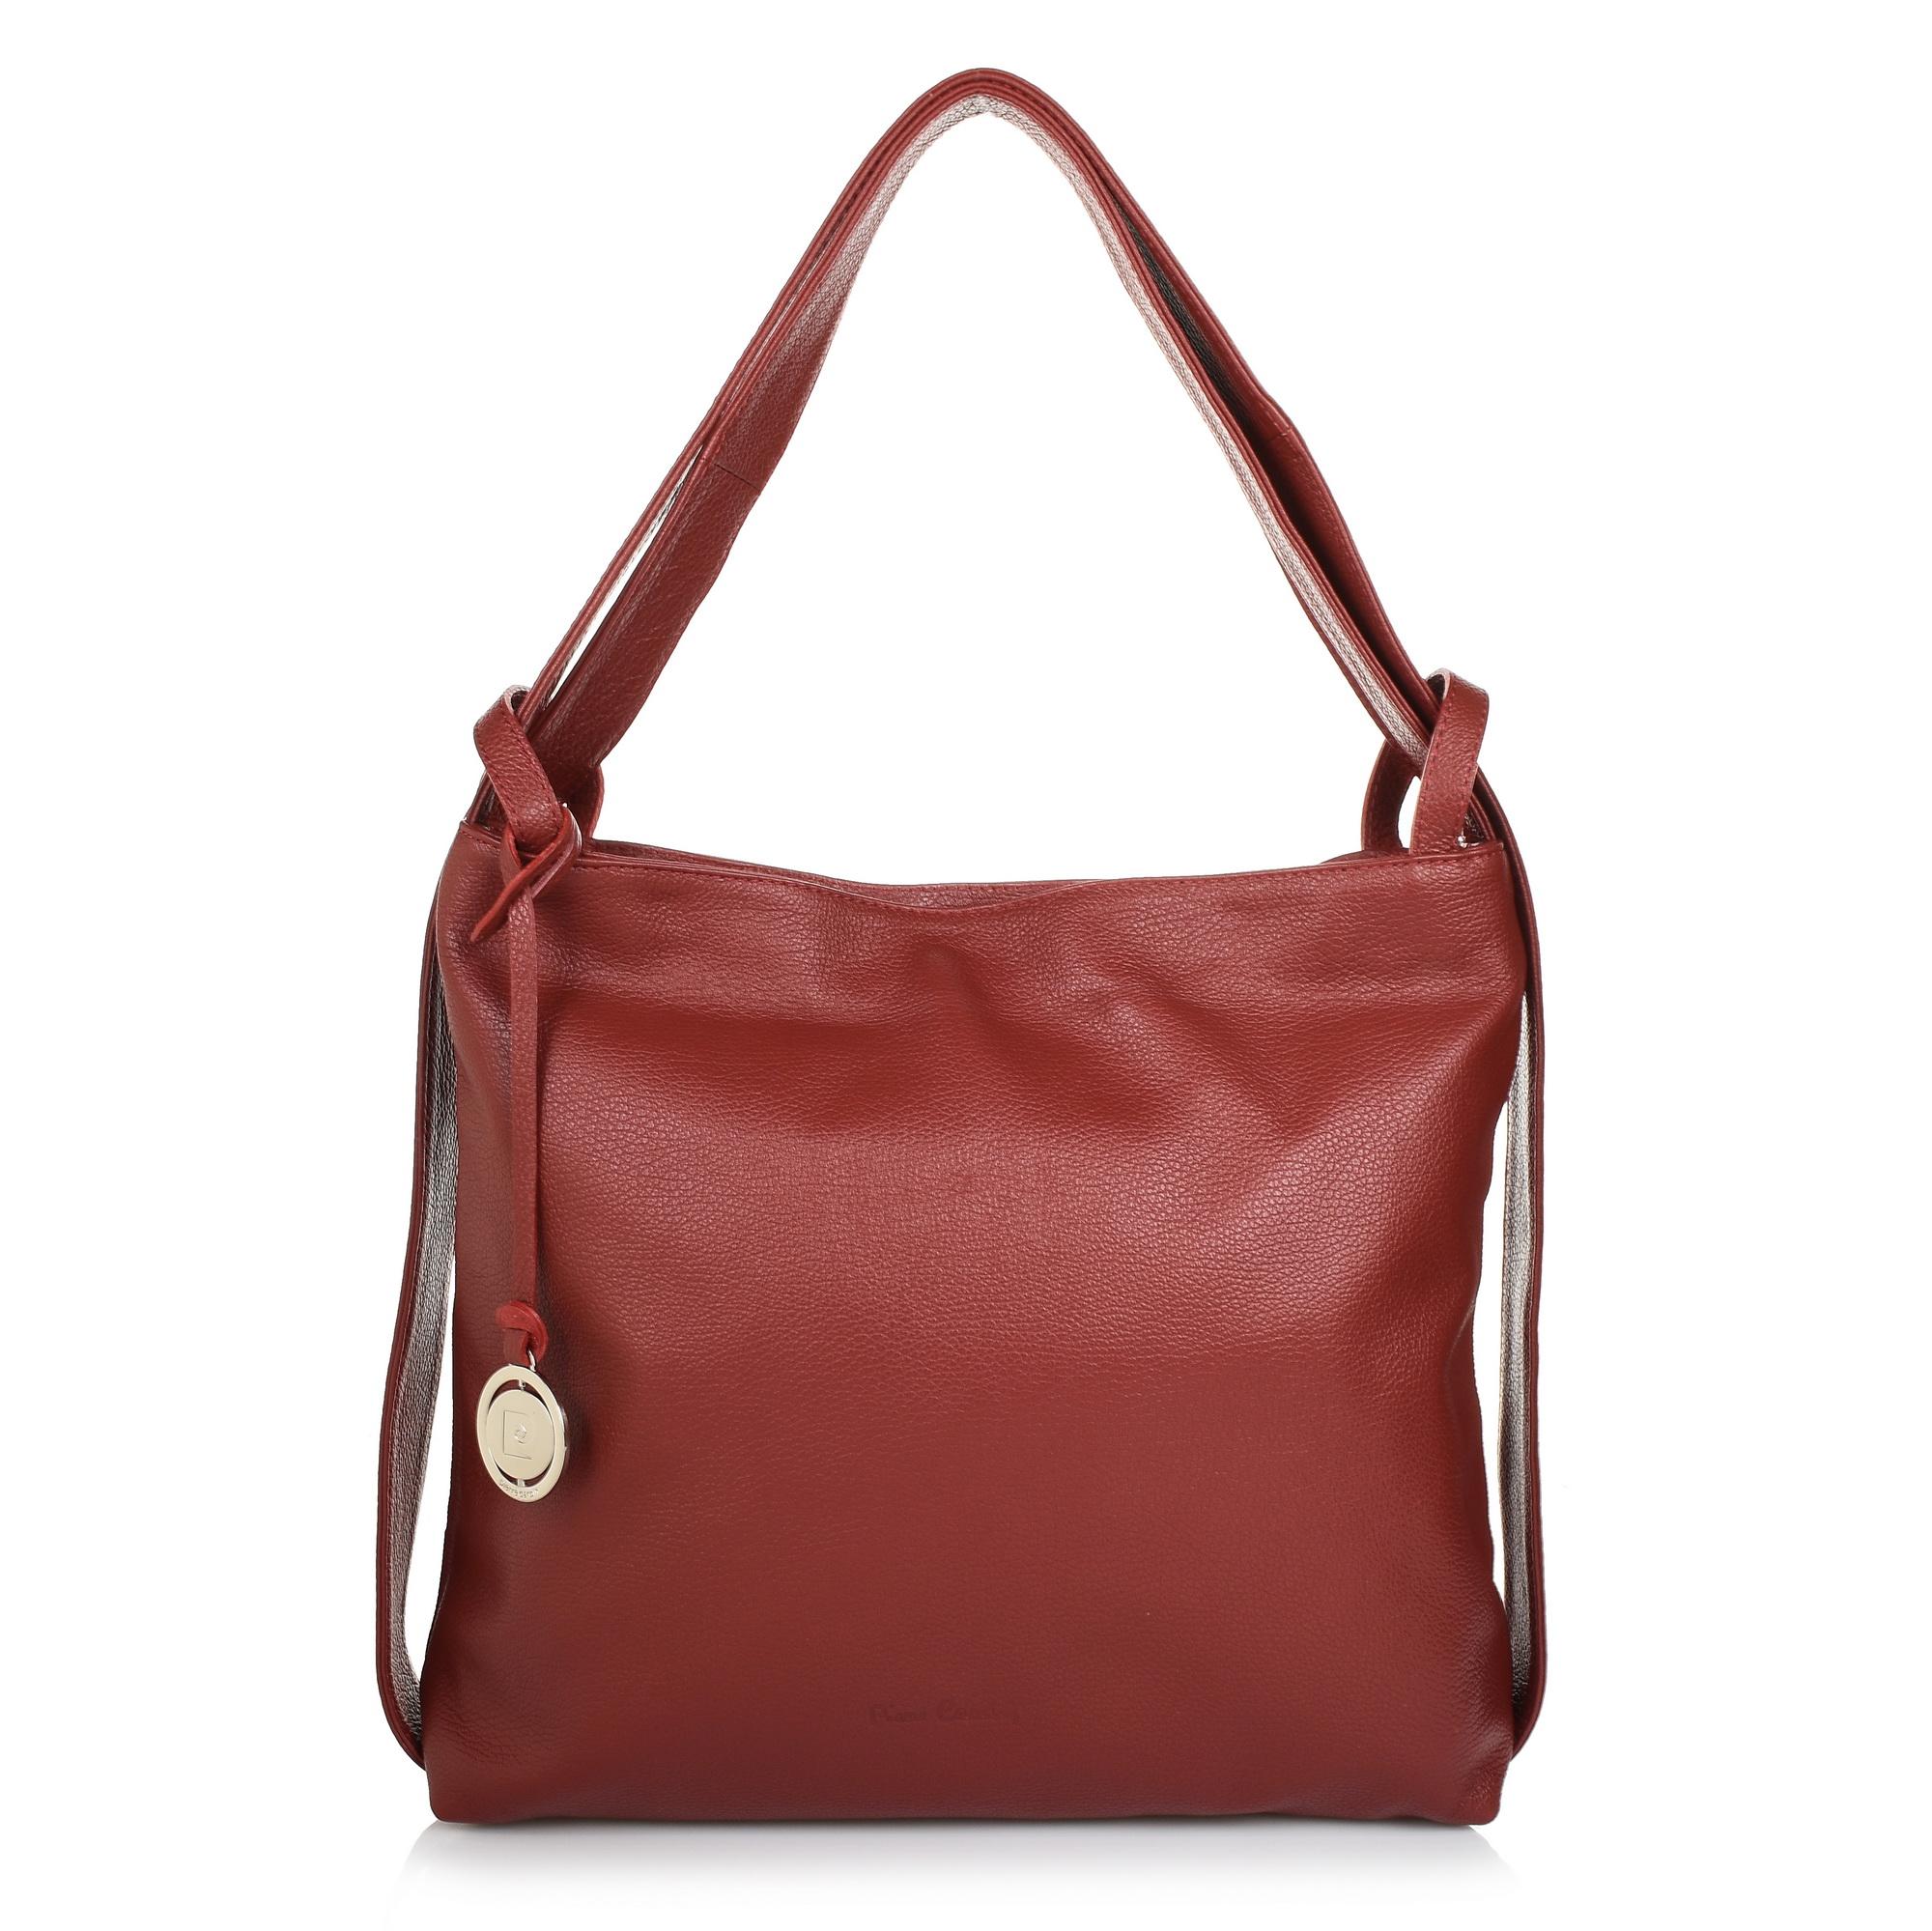 Δερμάτινη Τσάντα Ώμου Pierre Cardin PC1604 γυναικα   γυναικεία τσάντα